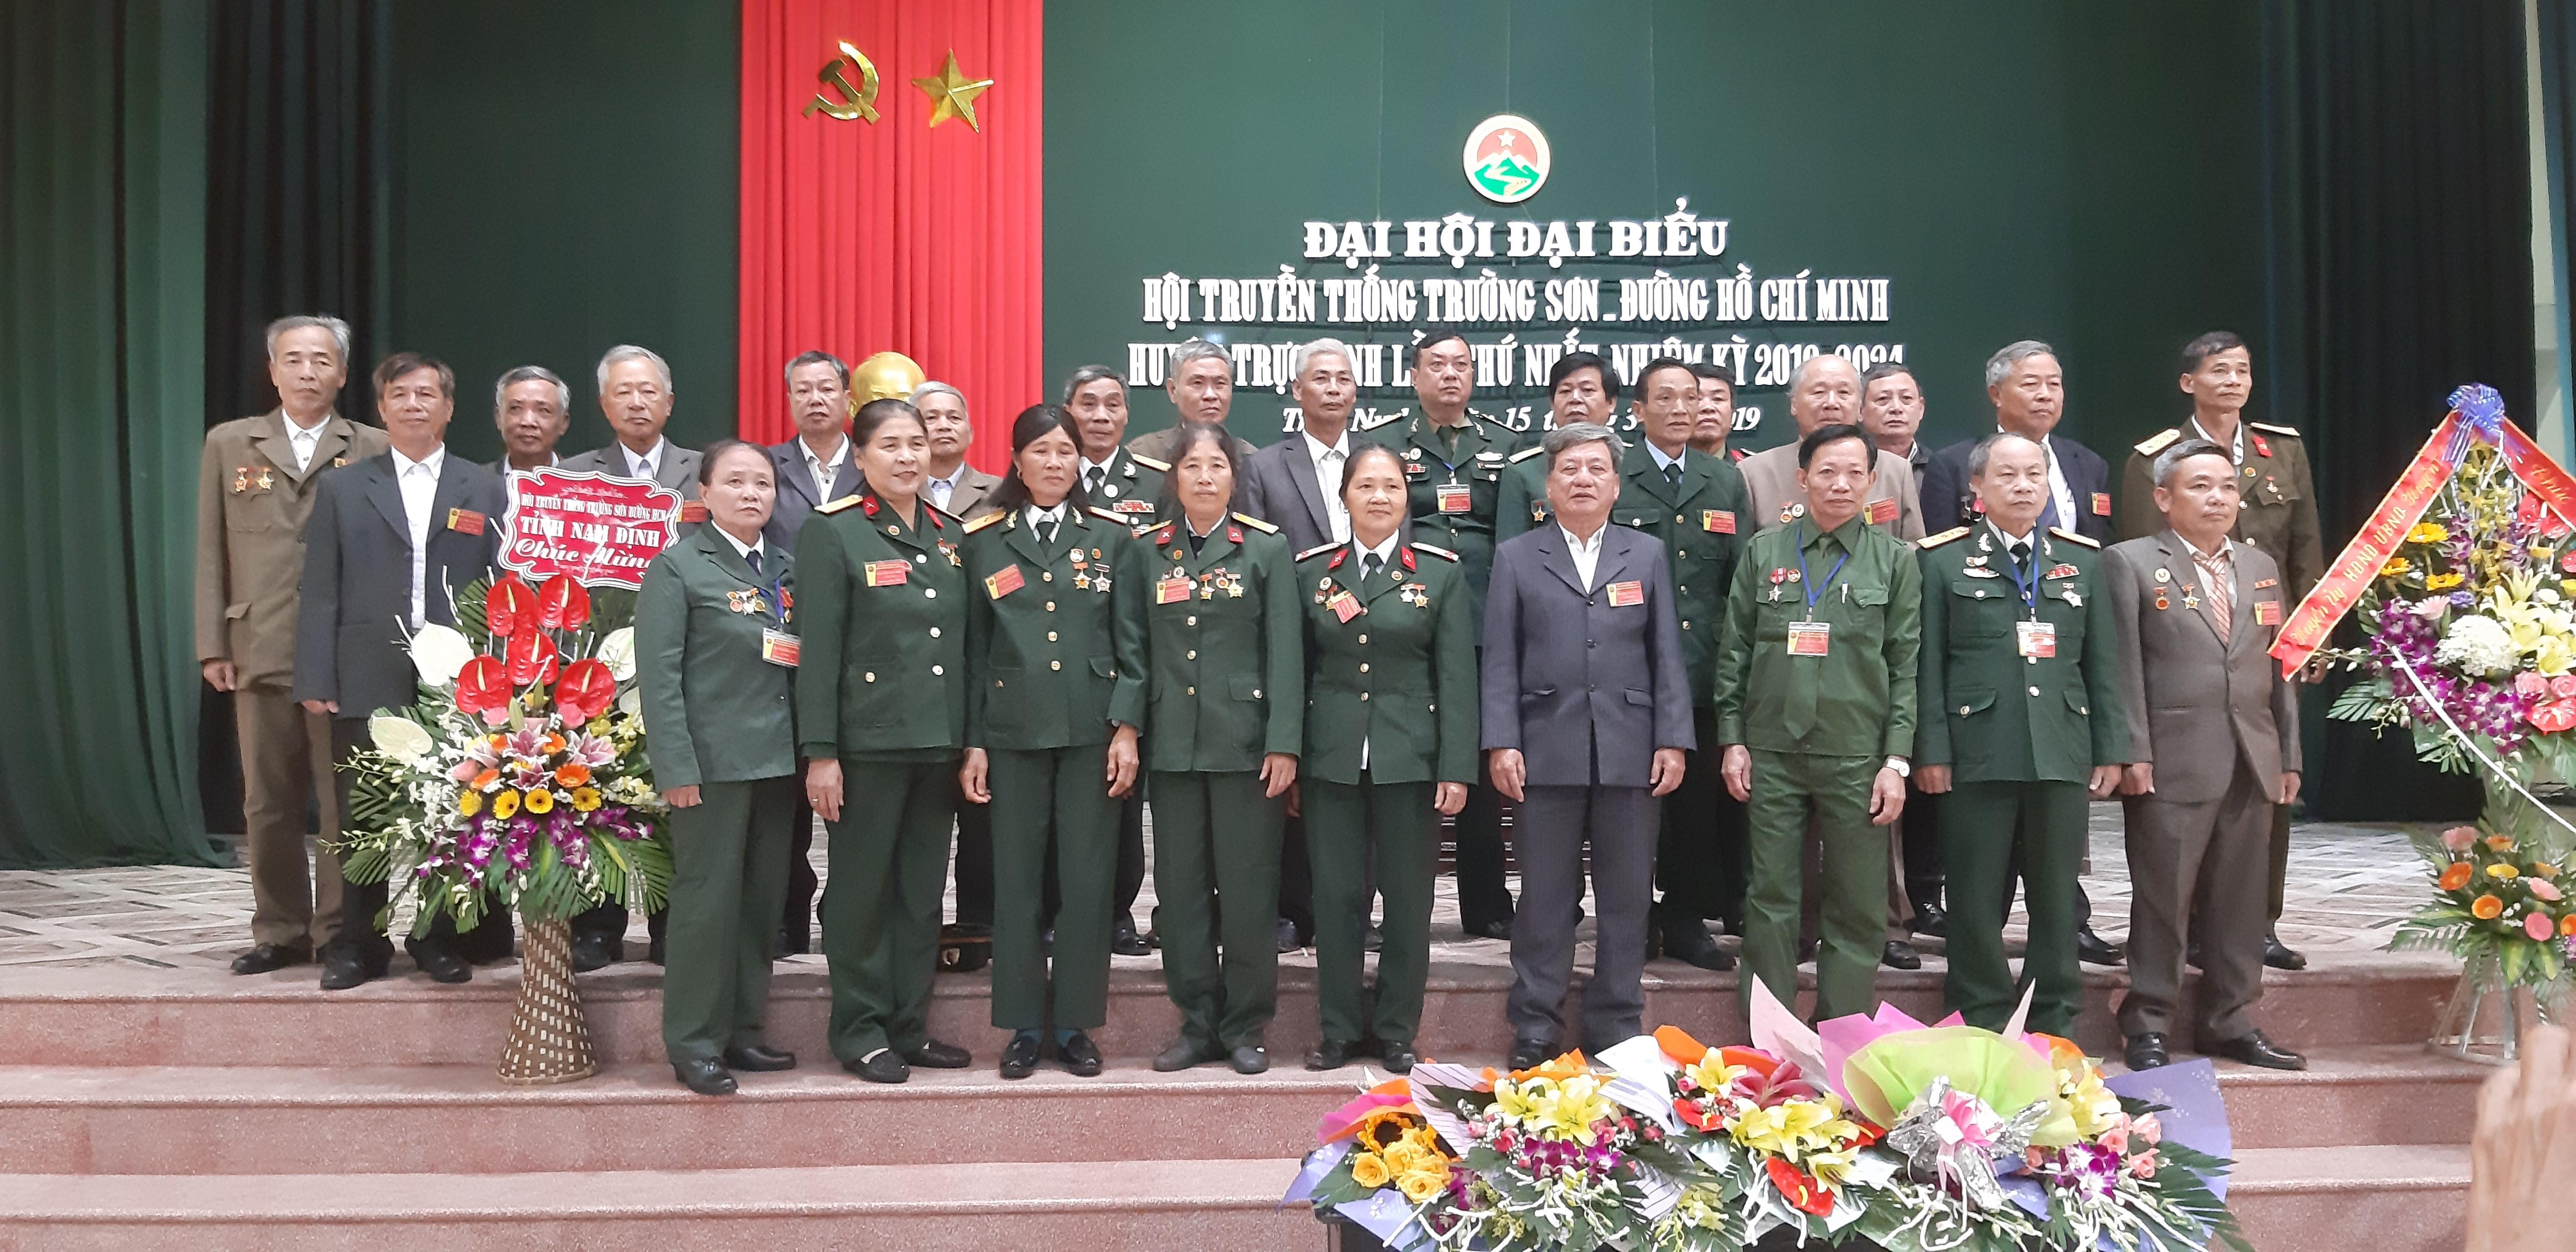 Đại hội Hội Trường Sơn huyện Trực Ninh lần thứ nhất  2019-2024